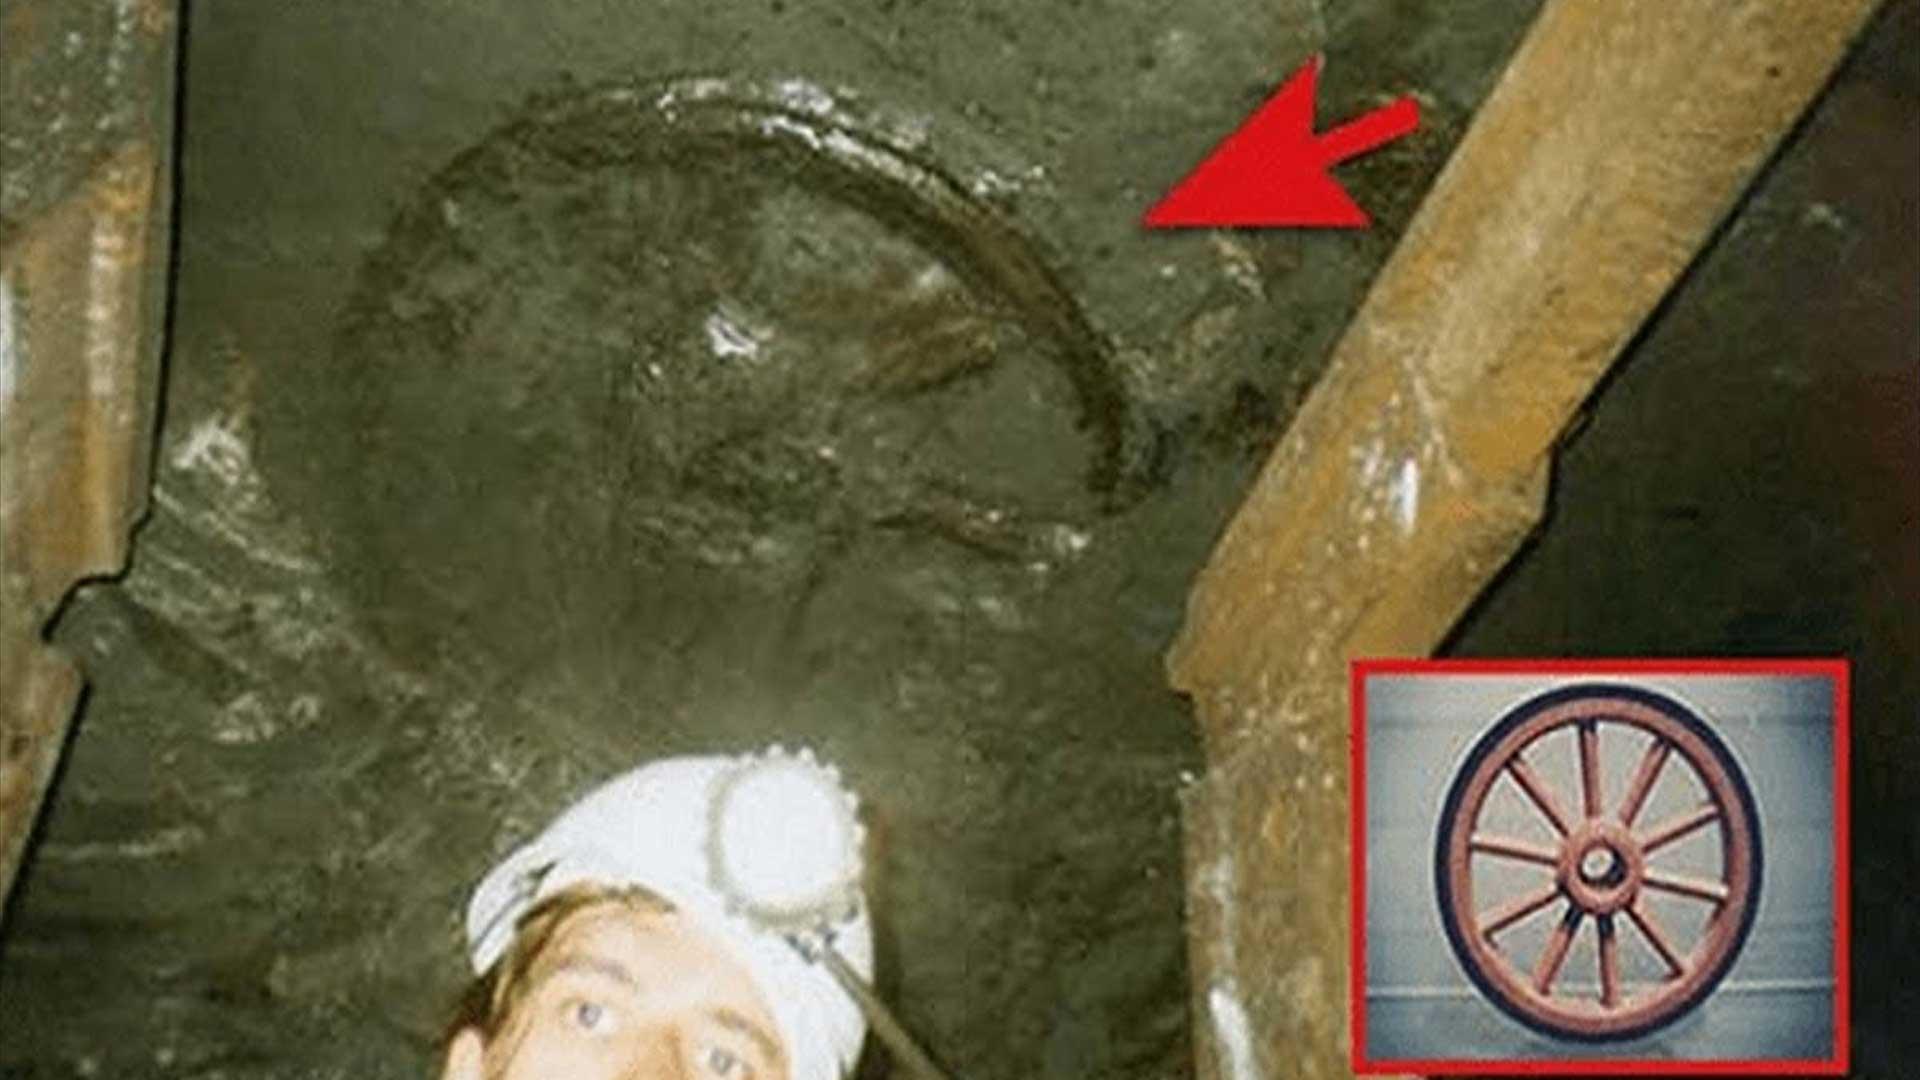 El extraño caso de la rueda de carro incrustada en un estrato de 300 millones de años